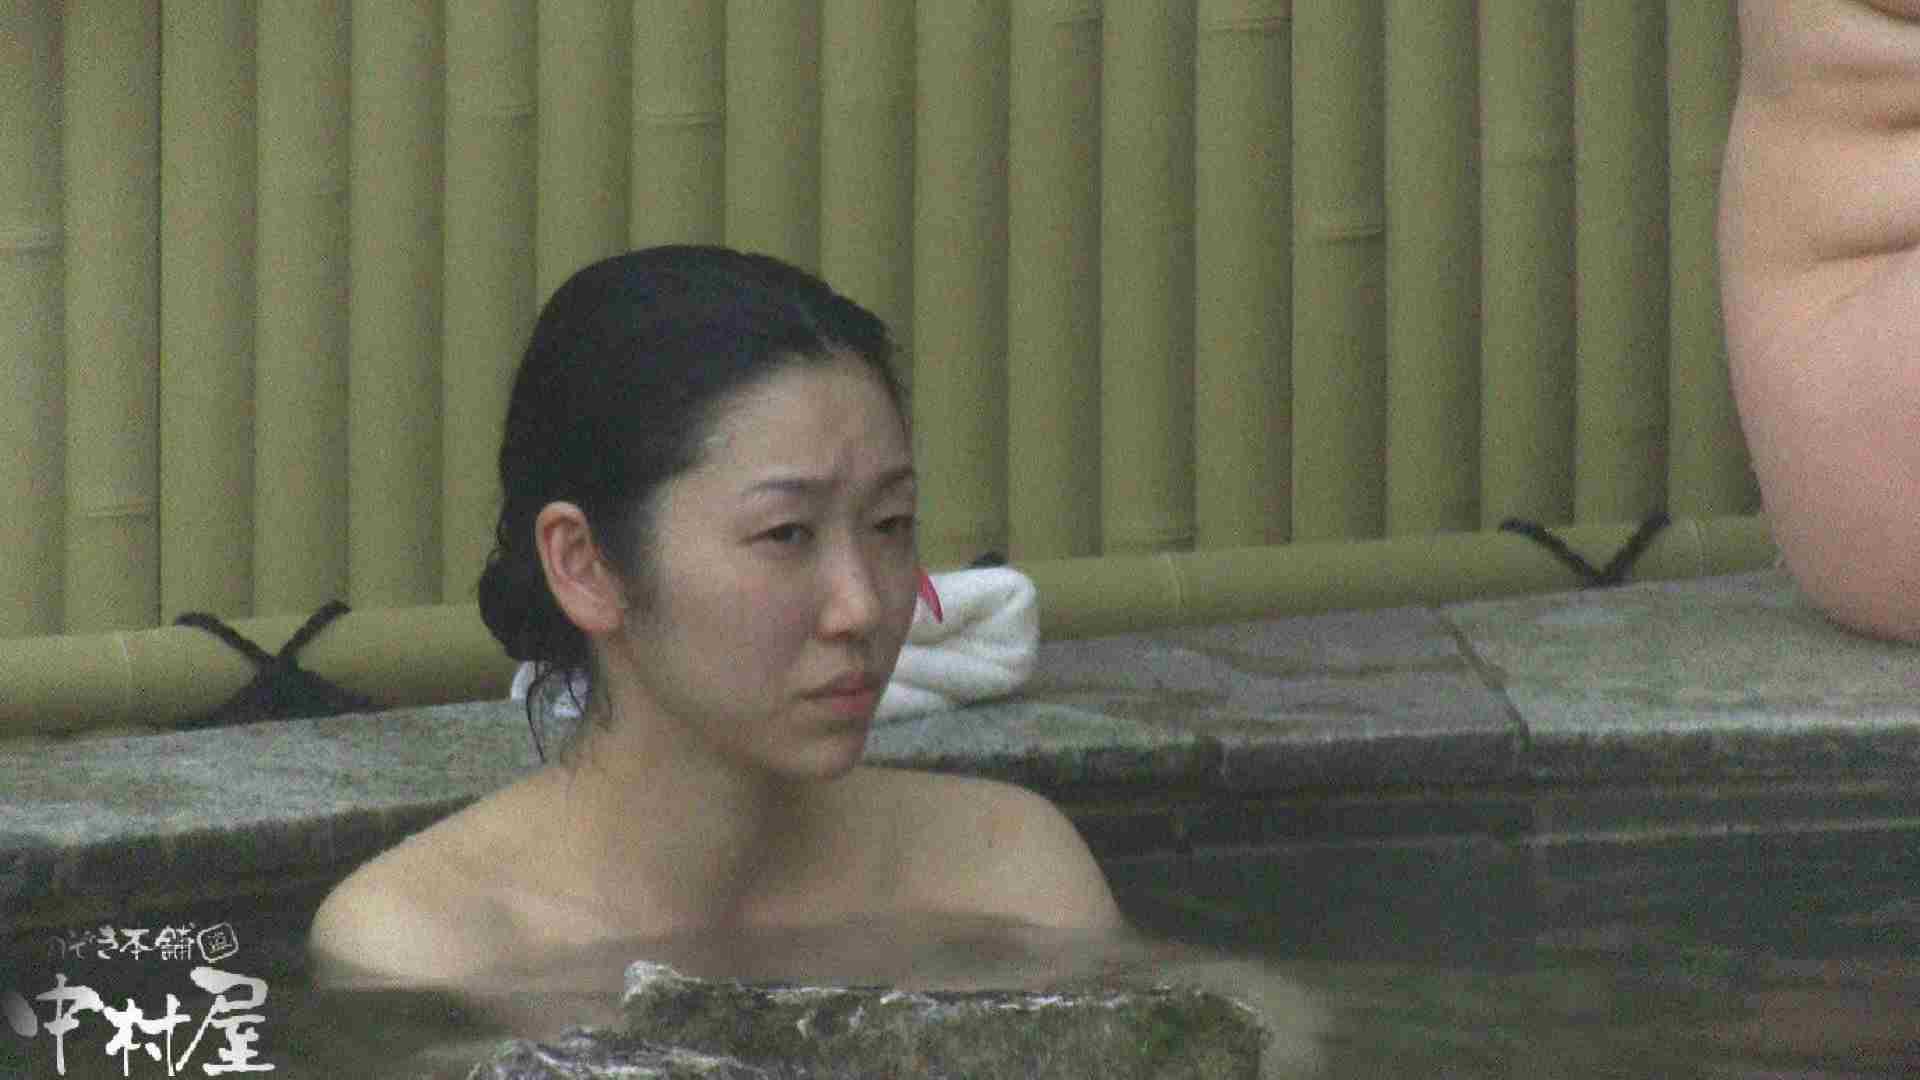 Aquaな露天風呂Vol.917 盗撮 | 露天  55pic 22